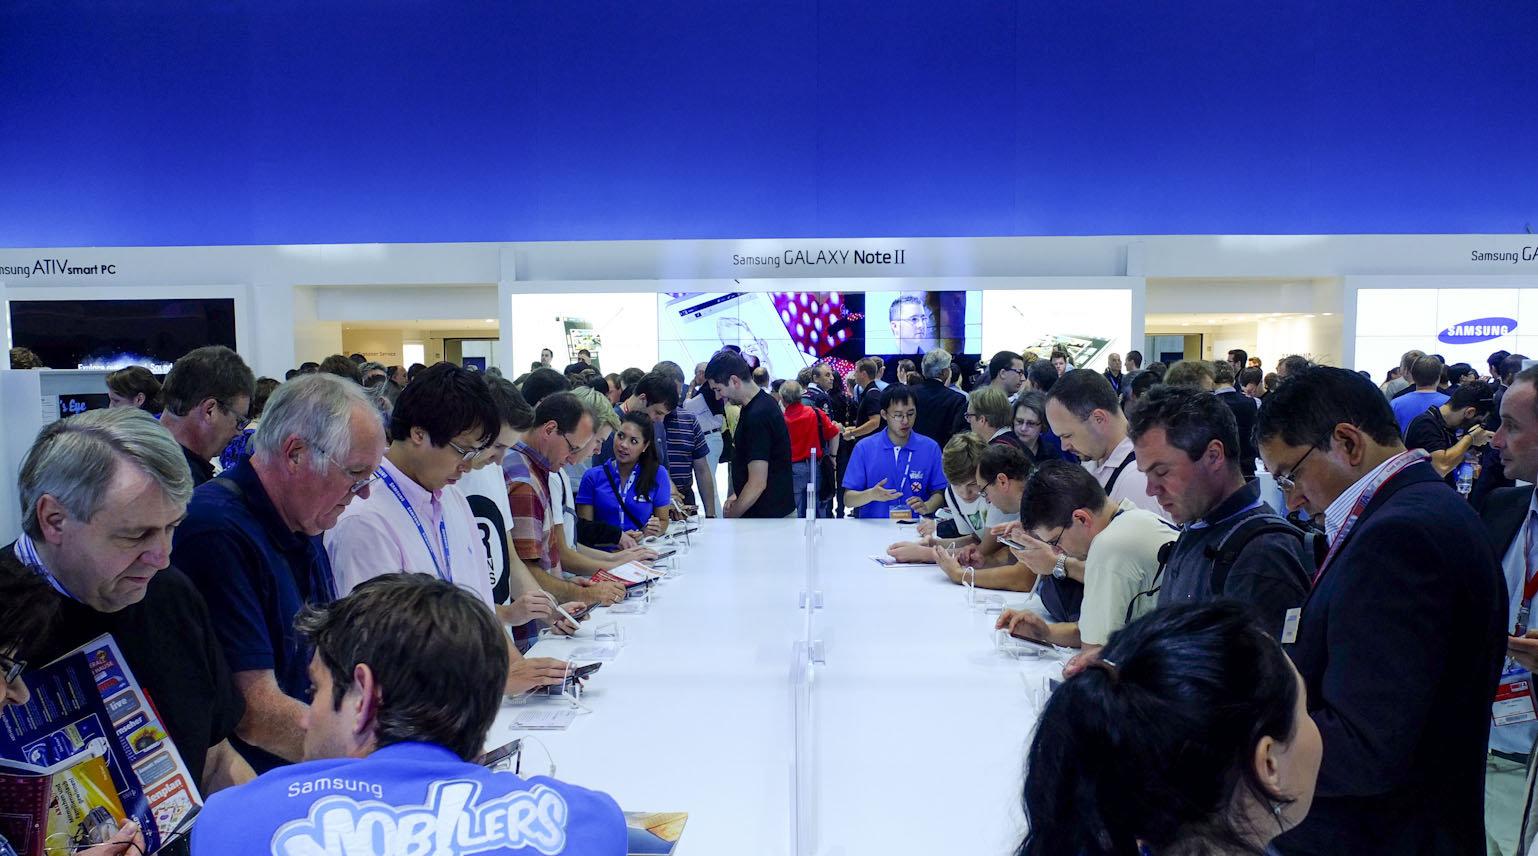 Ingen spøk å være indisk blogger på invitasjonstur med Samsung... (personene på bildet er ikke identiske med personene som er omtalt i artikkelen)